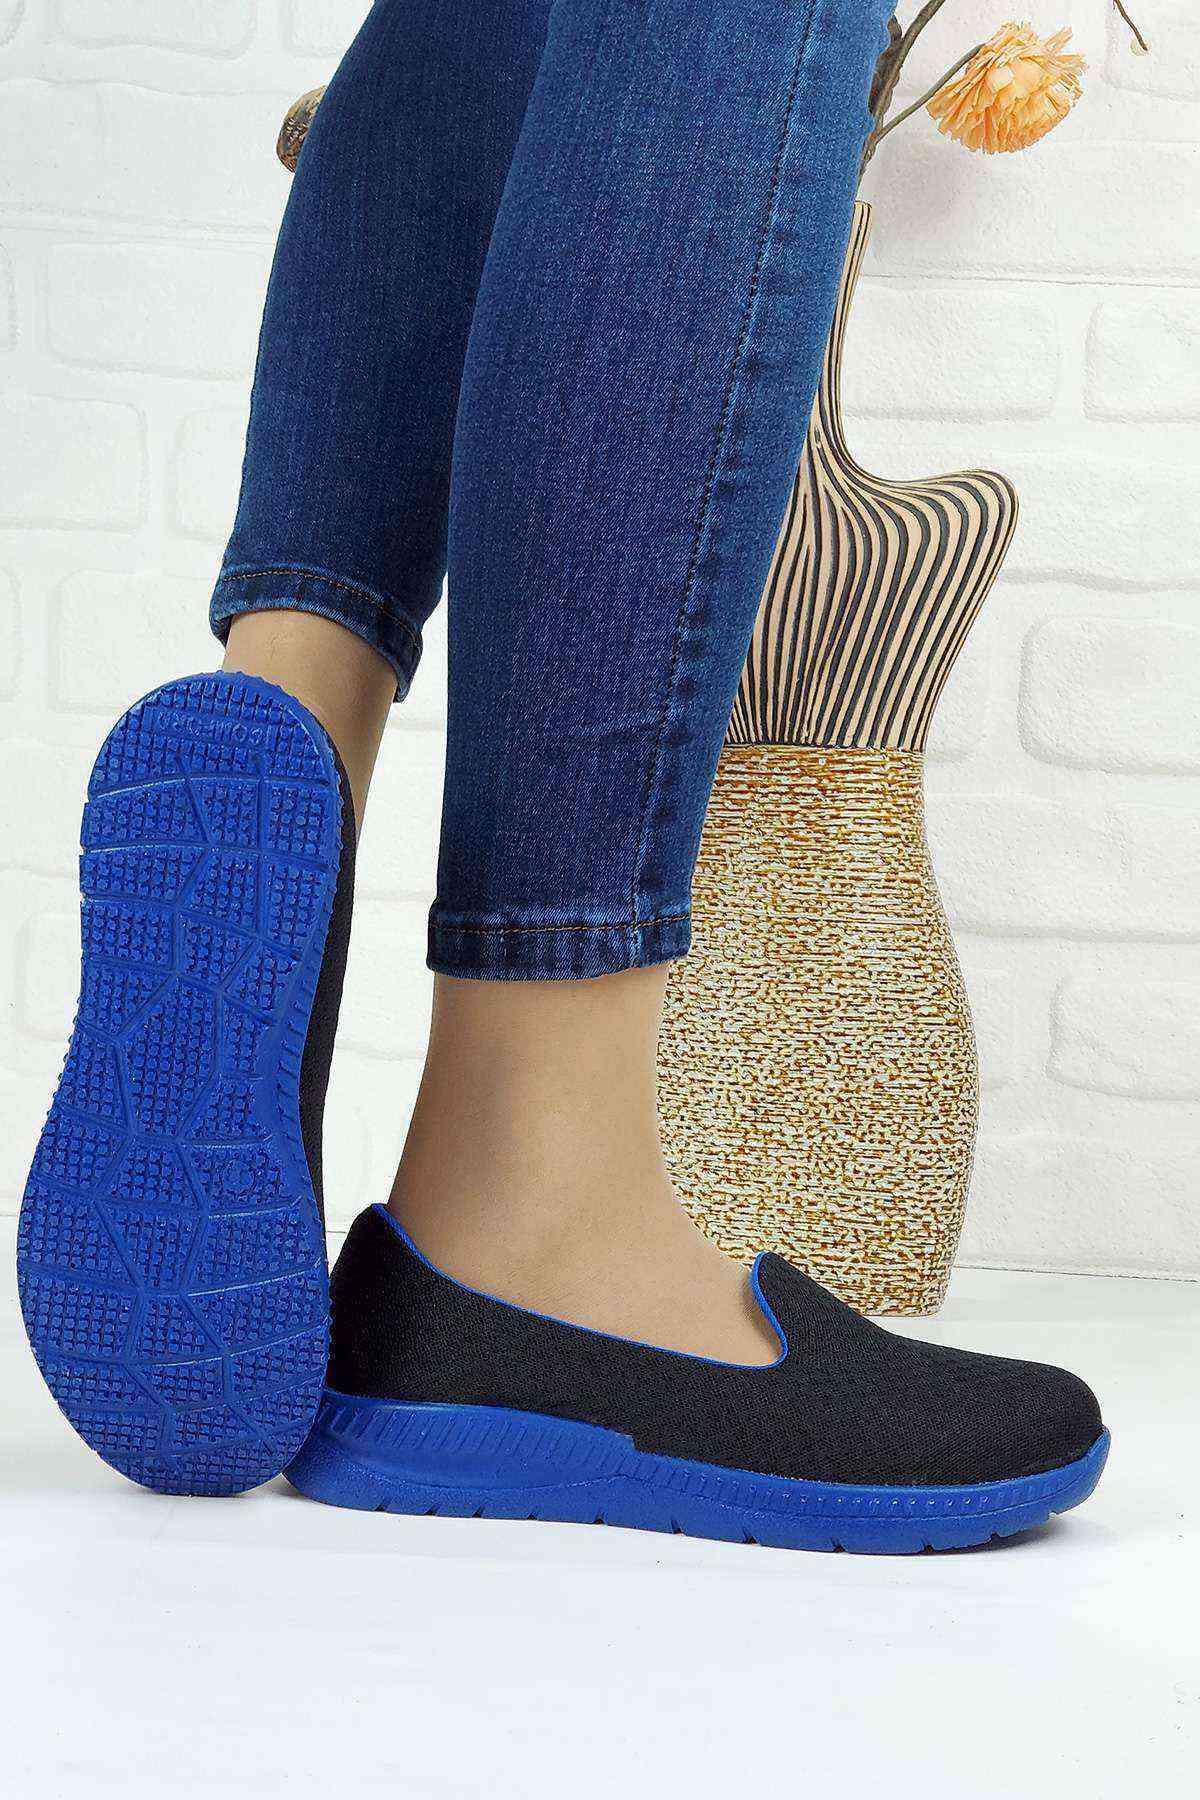 Memory Foam Ortopedik Taban Kadın Spor Ayakkabı - Lacivert Sax